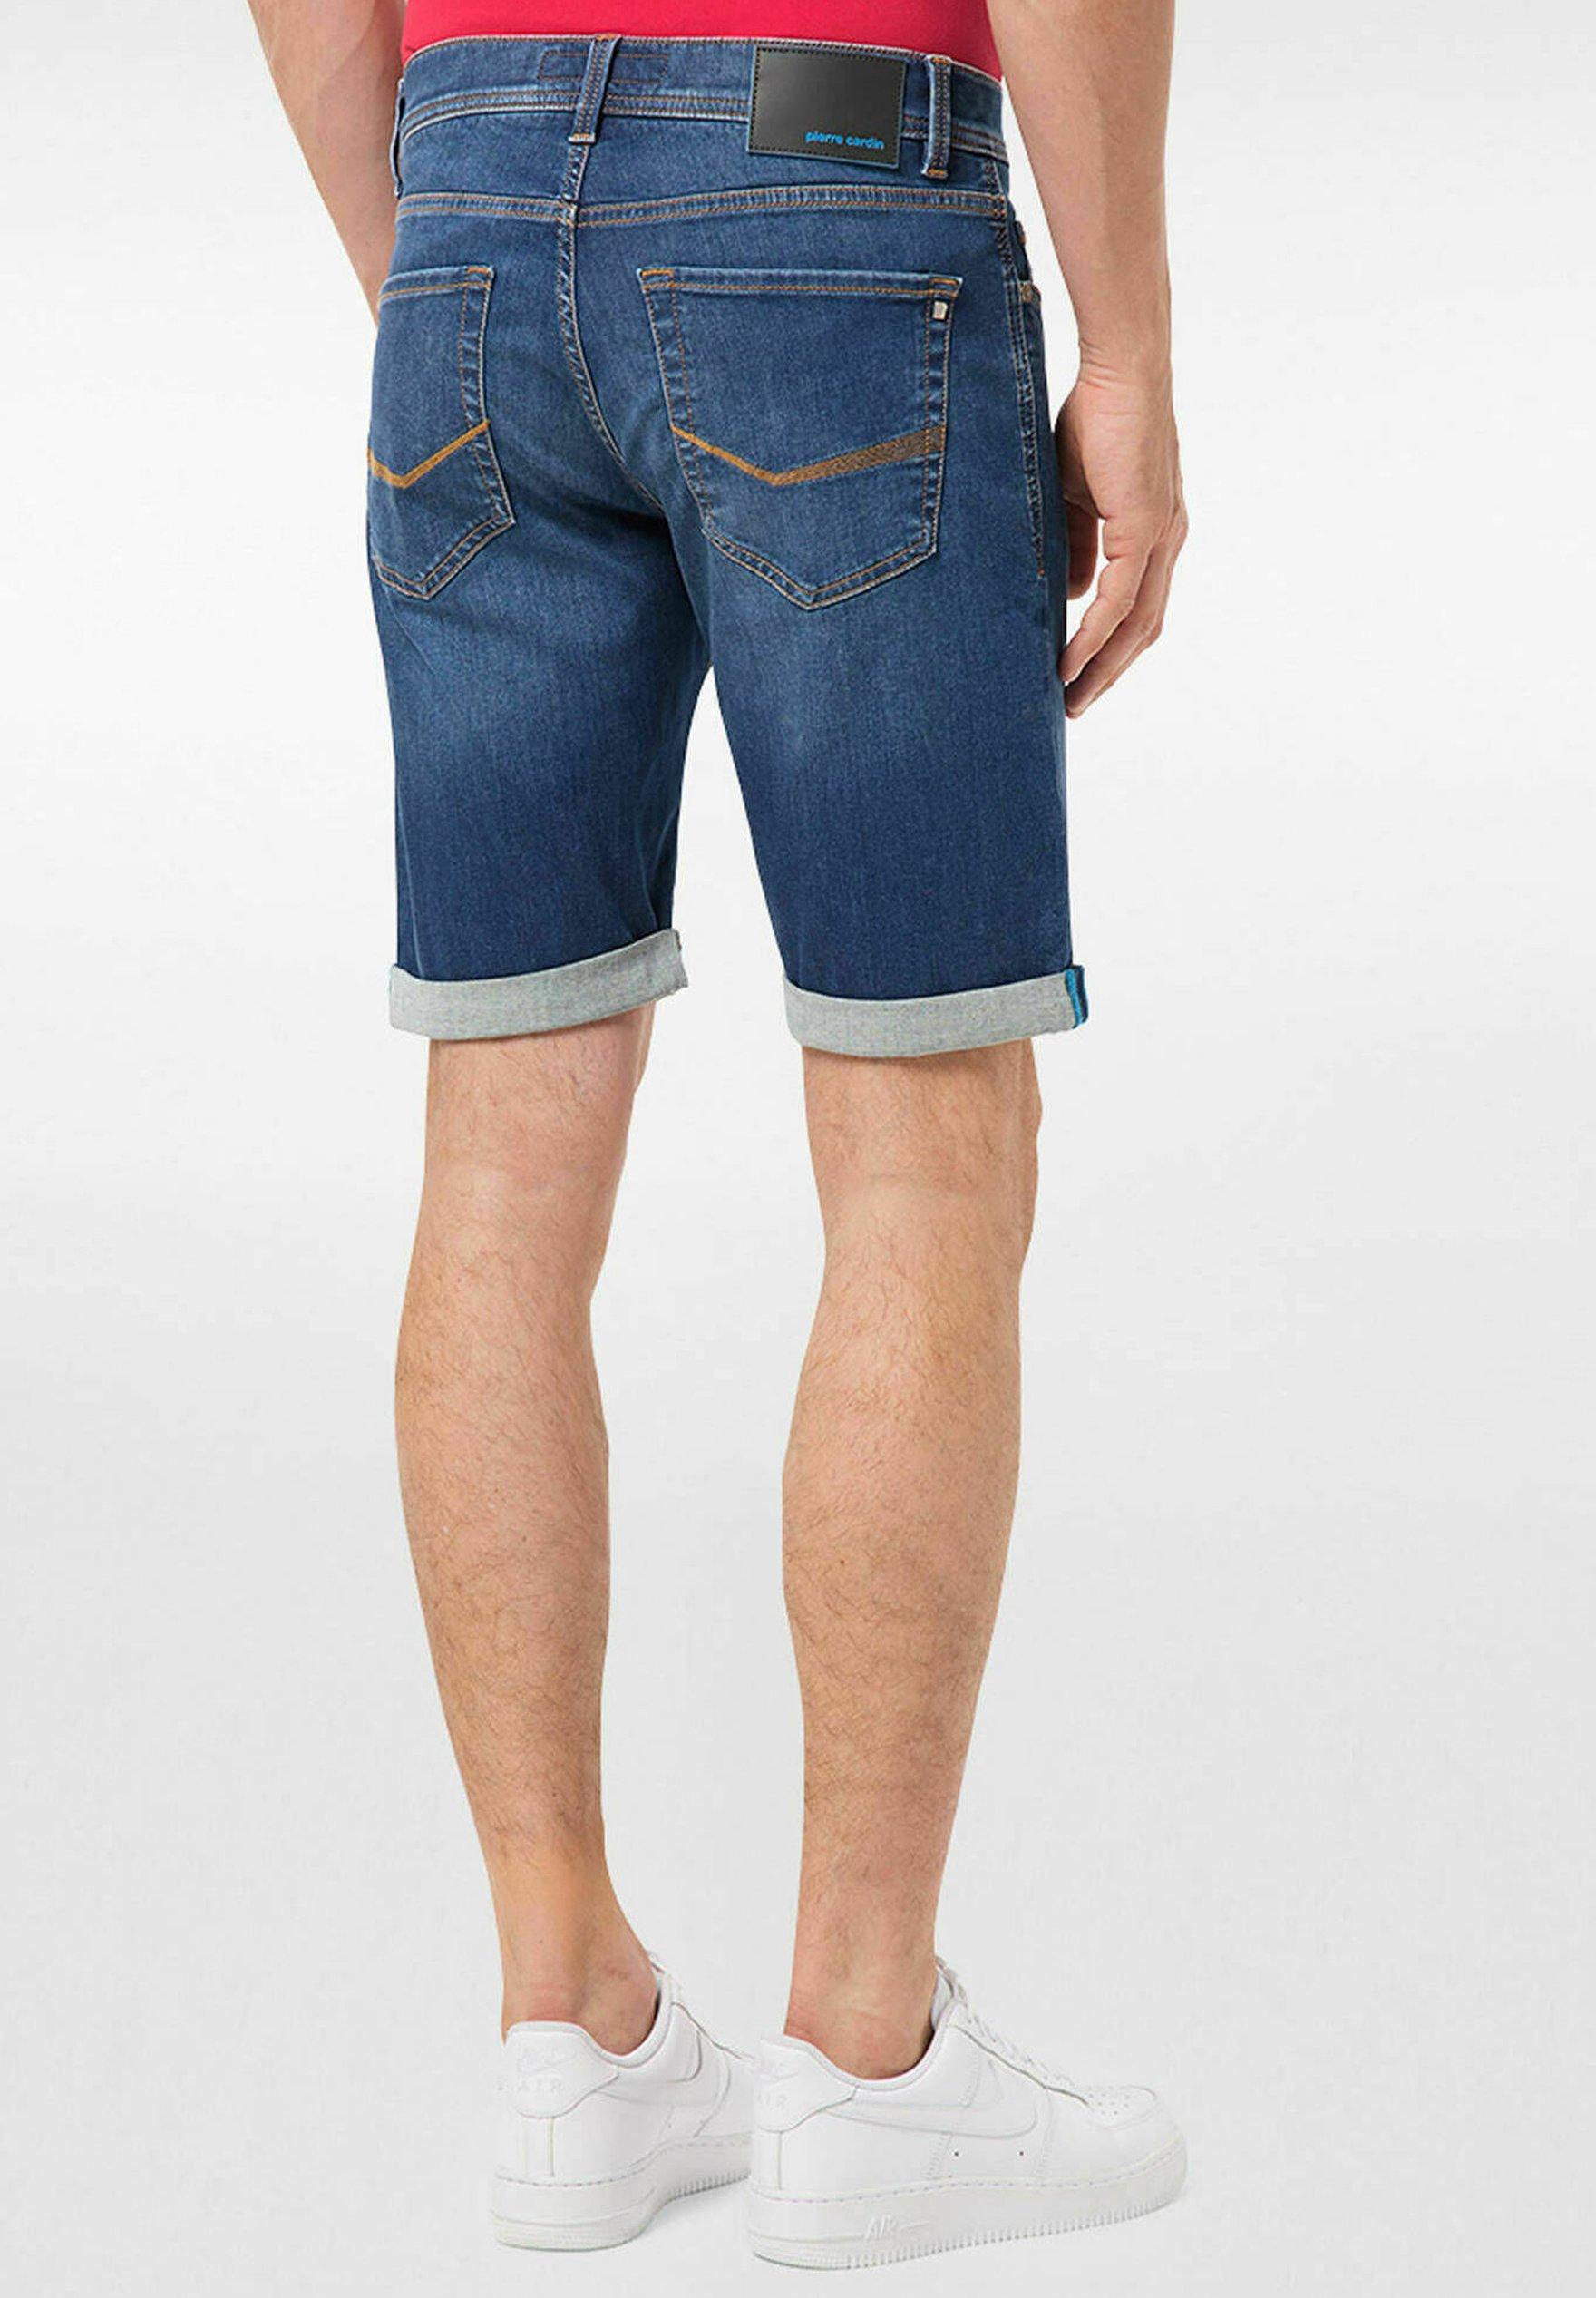 Homme Short en jean - darkblue